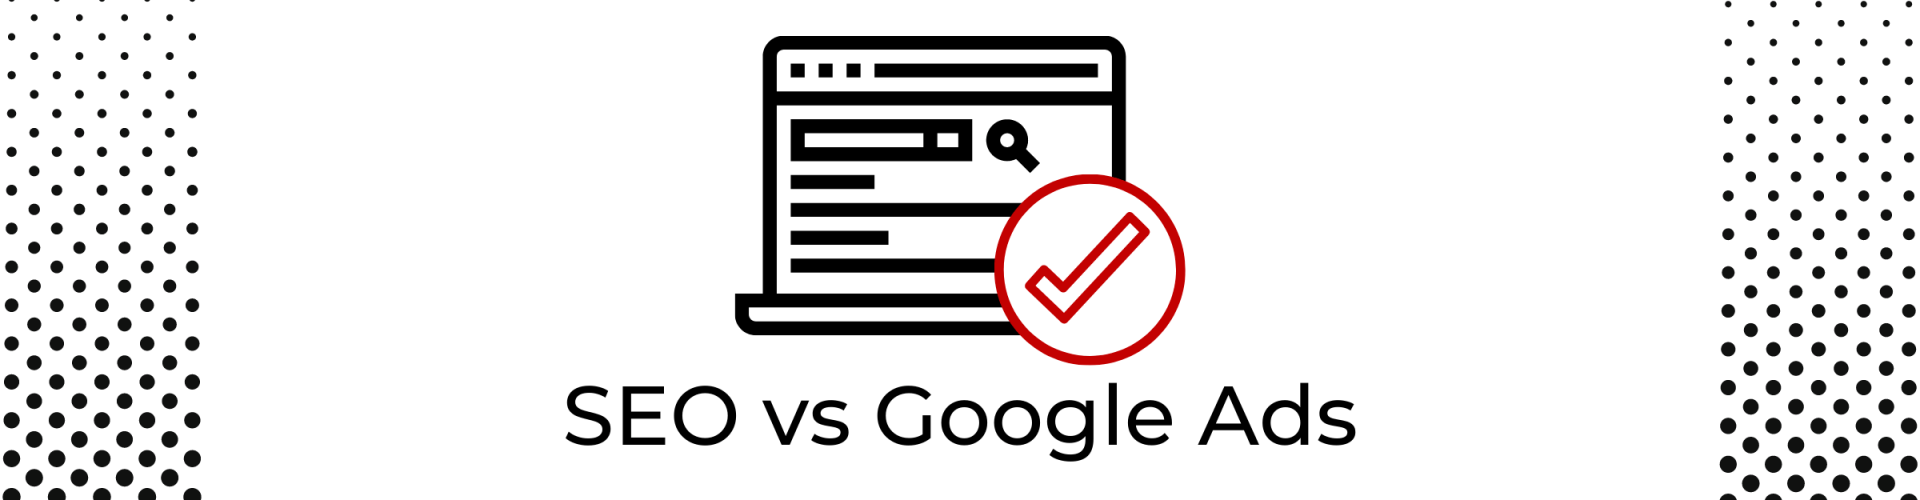 Dowiedz się czym różni się SEO od Google Ads